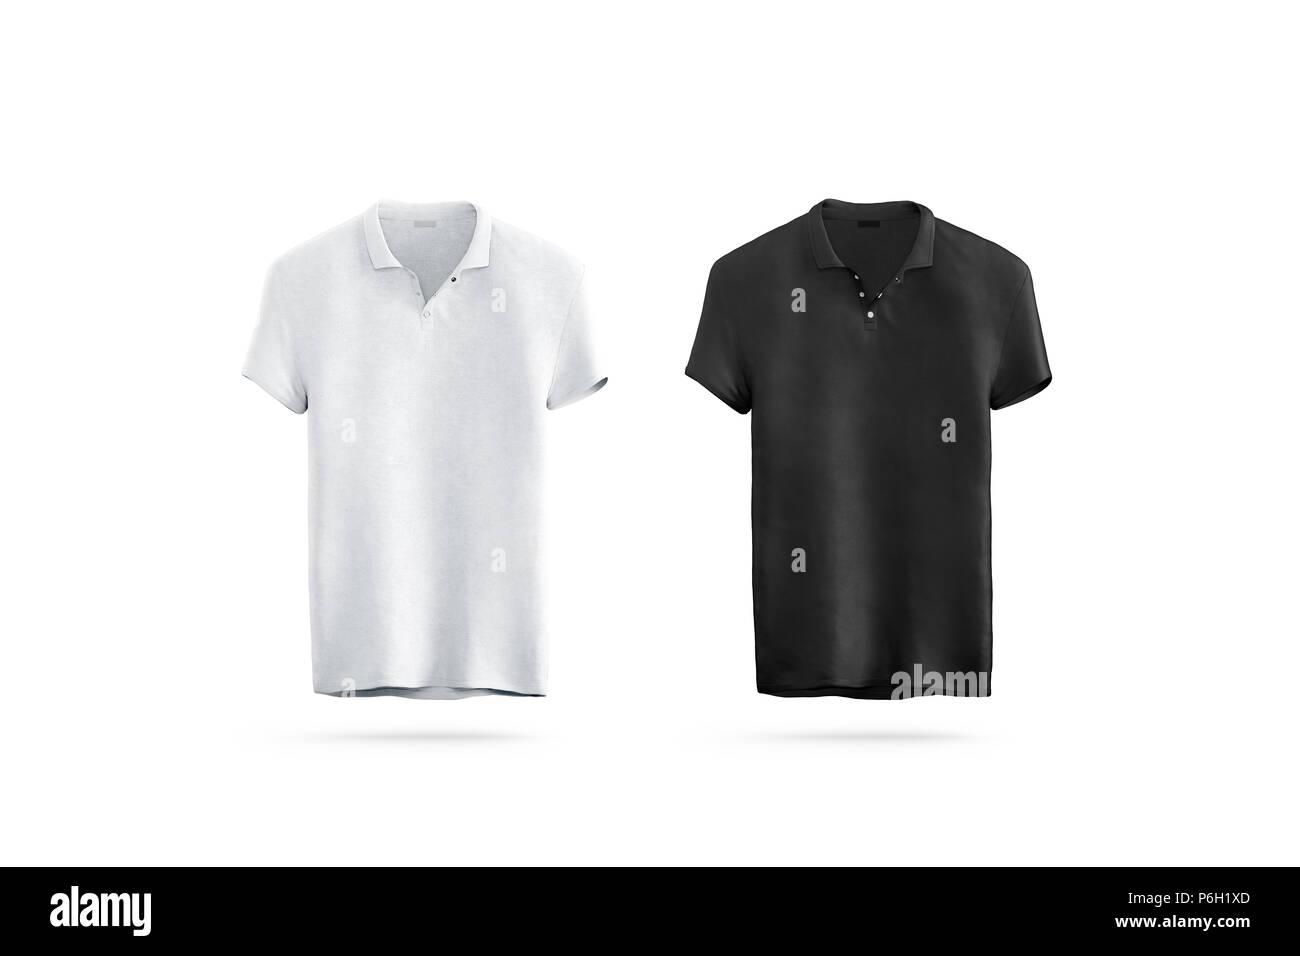 Noir et blanc polo blanc maquette isolée, vue avant, rendu 3d. T-shirt sport vide maquette uniforme. Modèle de conception de vêtements simples. Robe claire en coton à manches courtes de la marque. Photo Stock